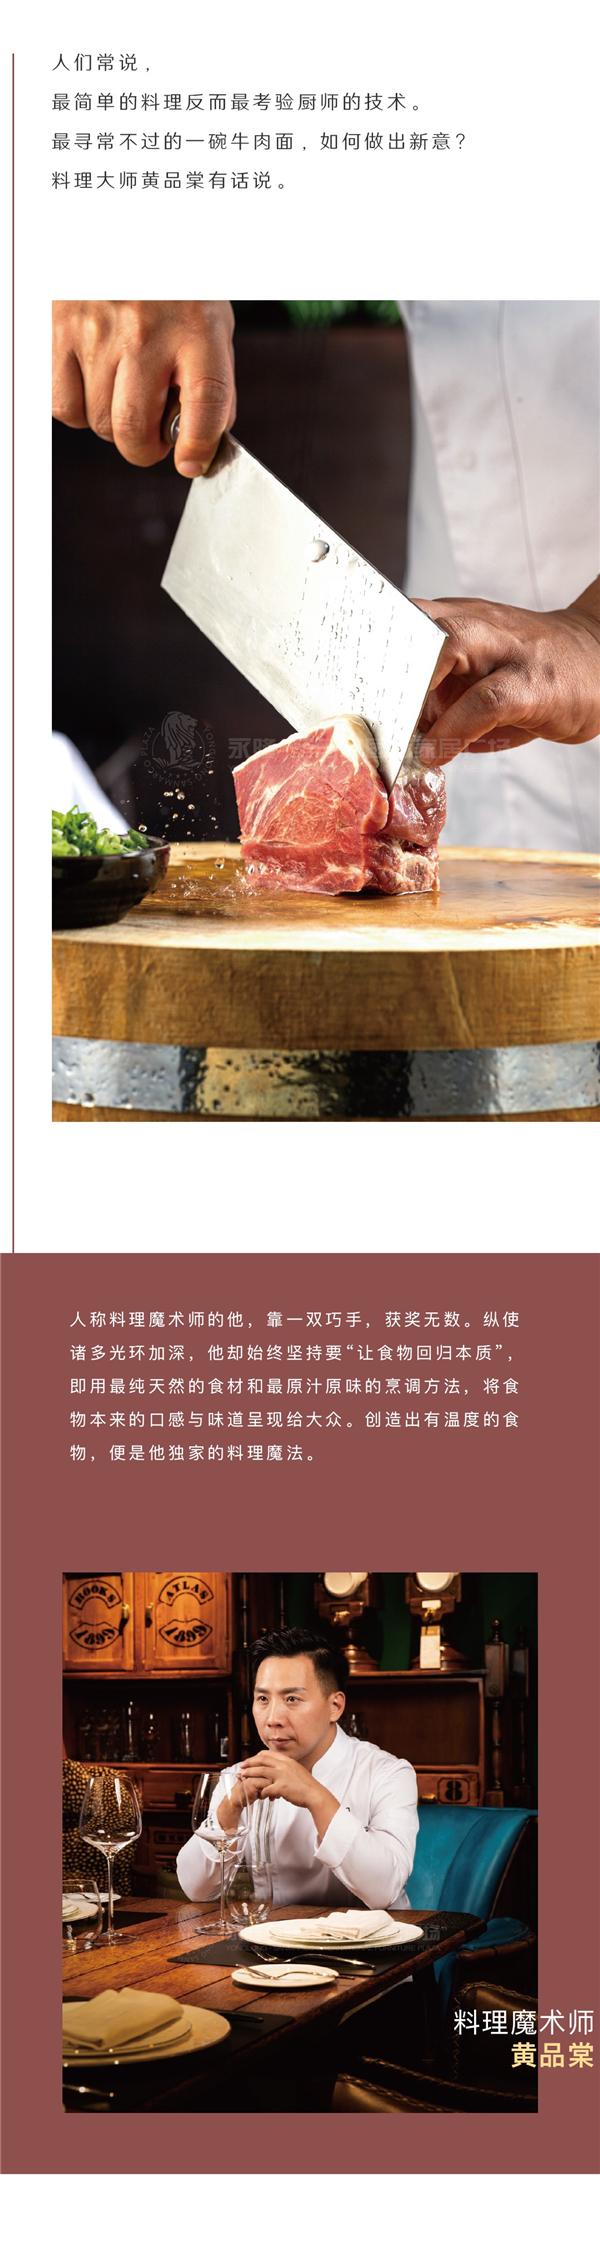 永隆麺上新 邀您品味大师的牛肉面